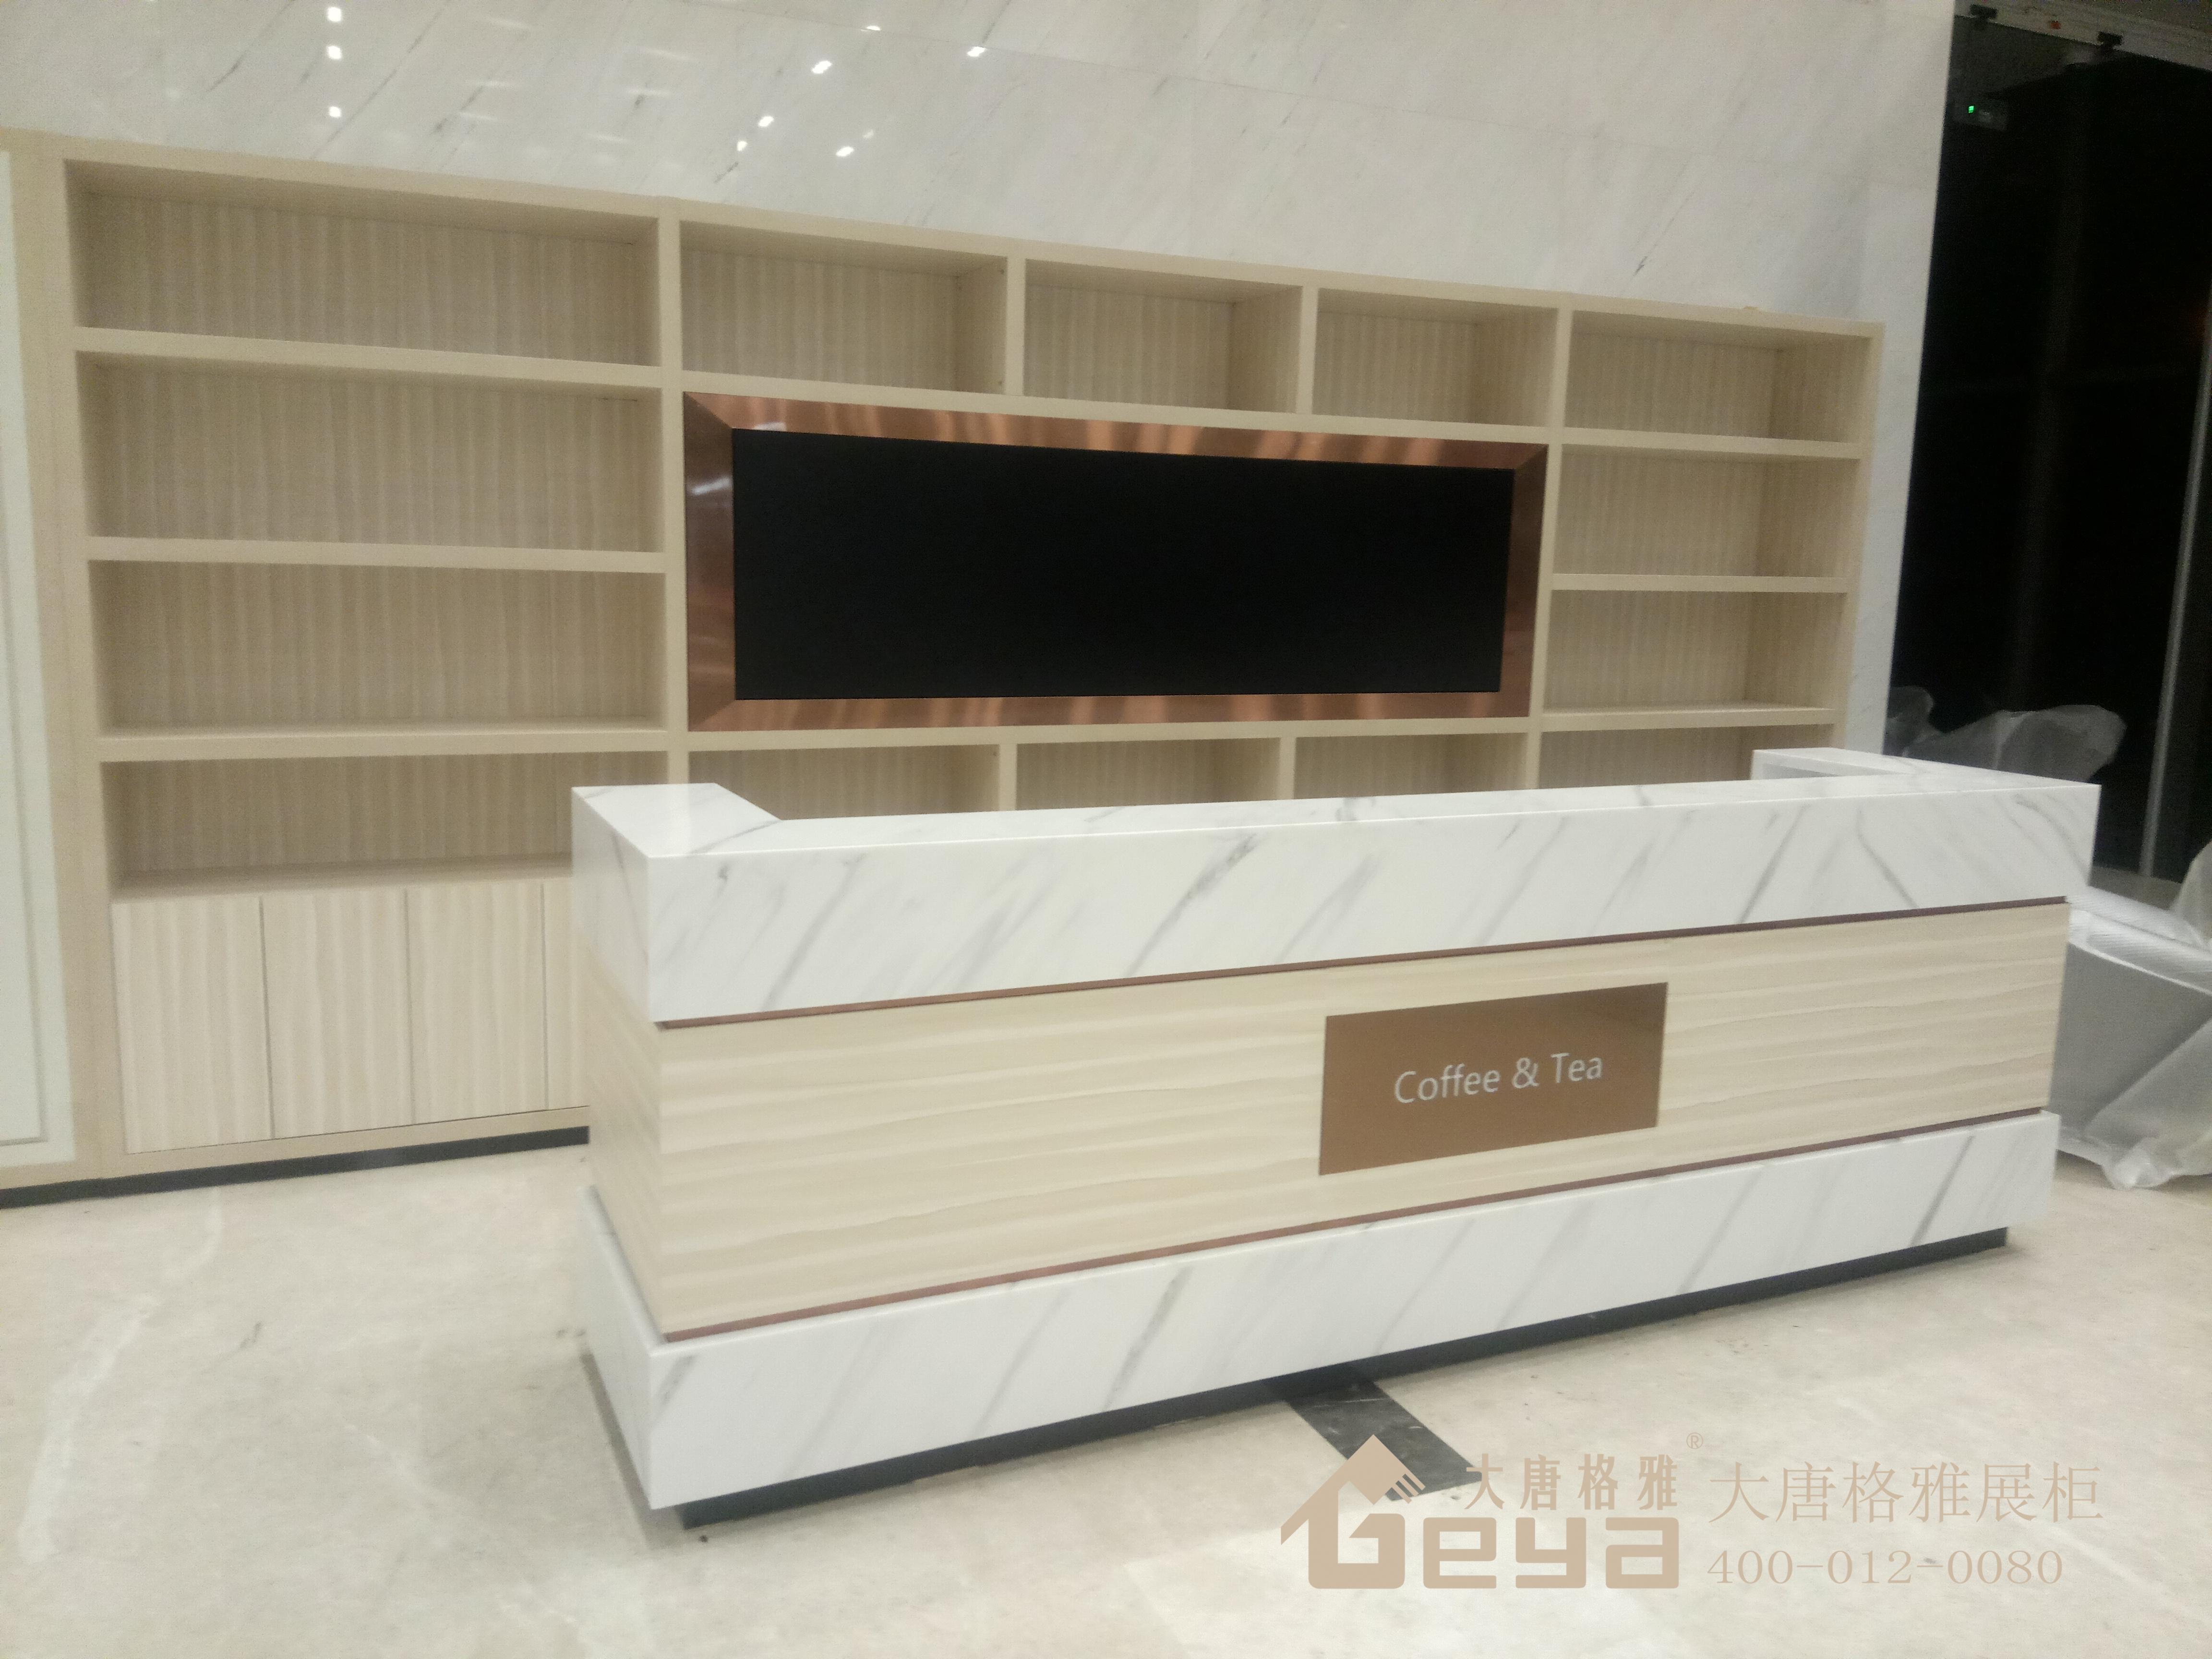 展柜有几种分类——南京大唐格雅展柜厂